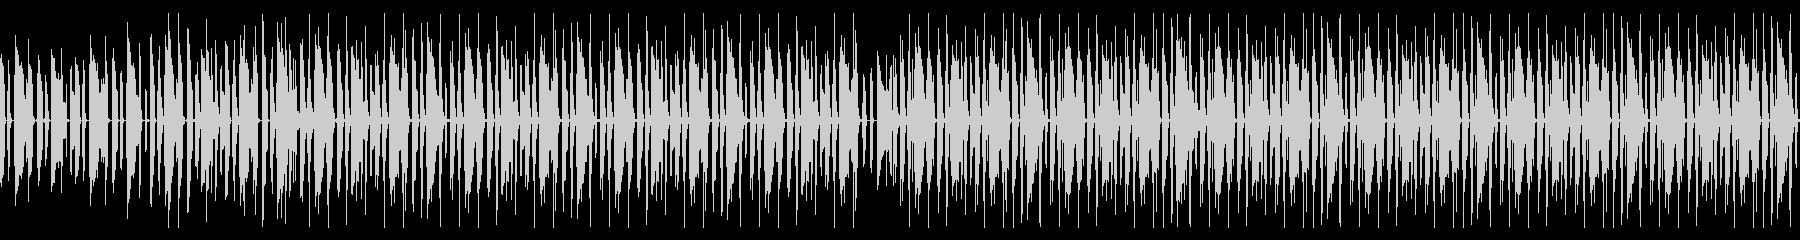 淡々としながらもノリの良いBGM ループの未再生の波形